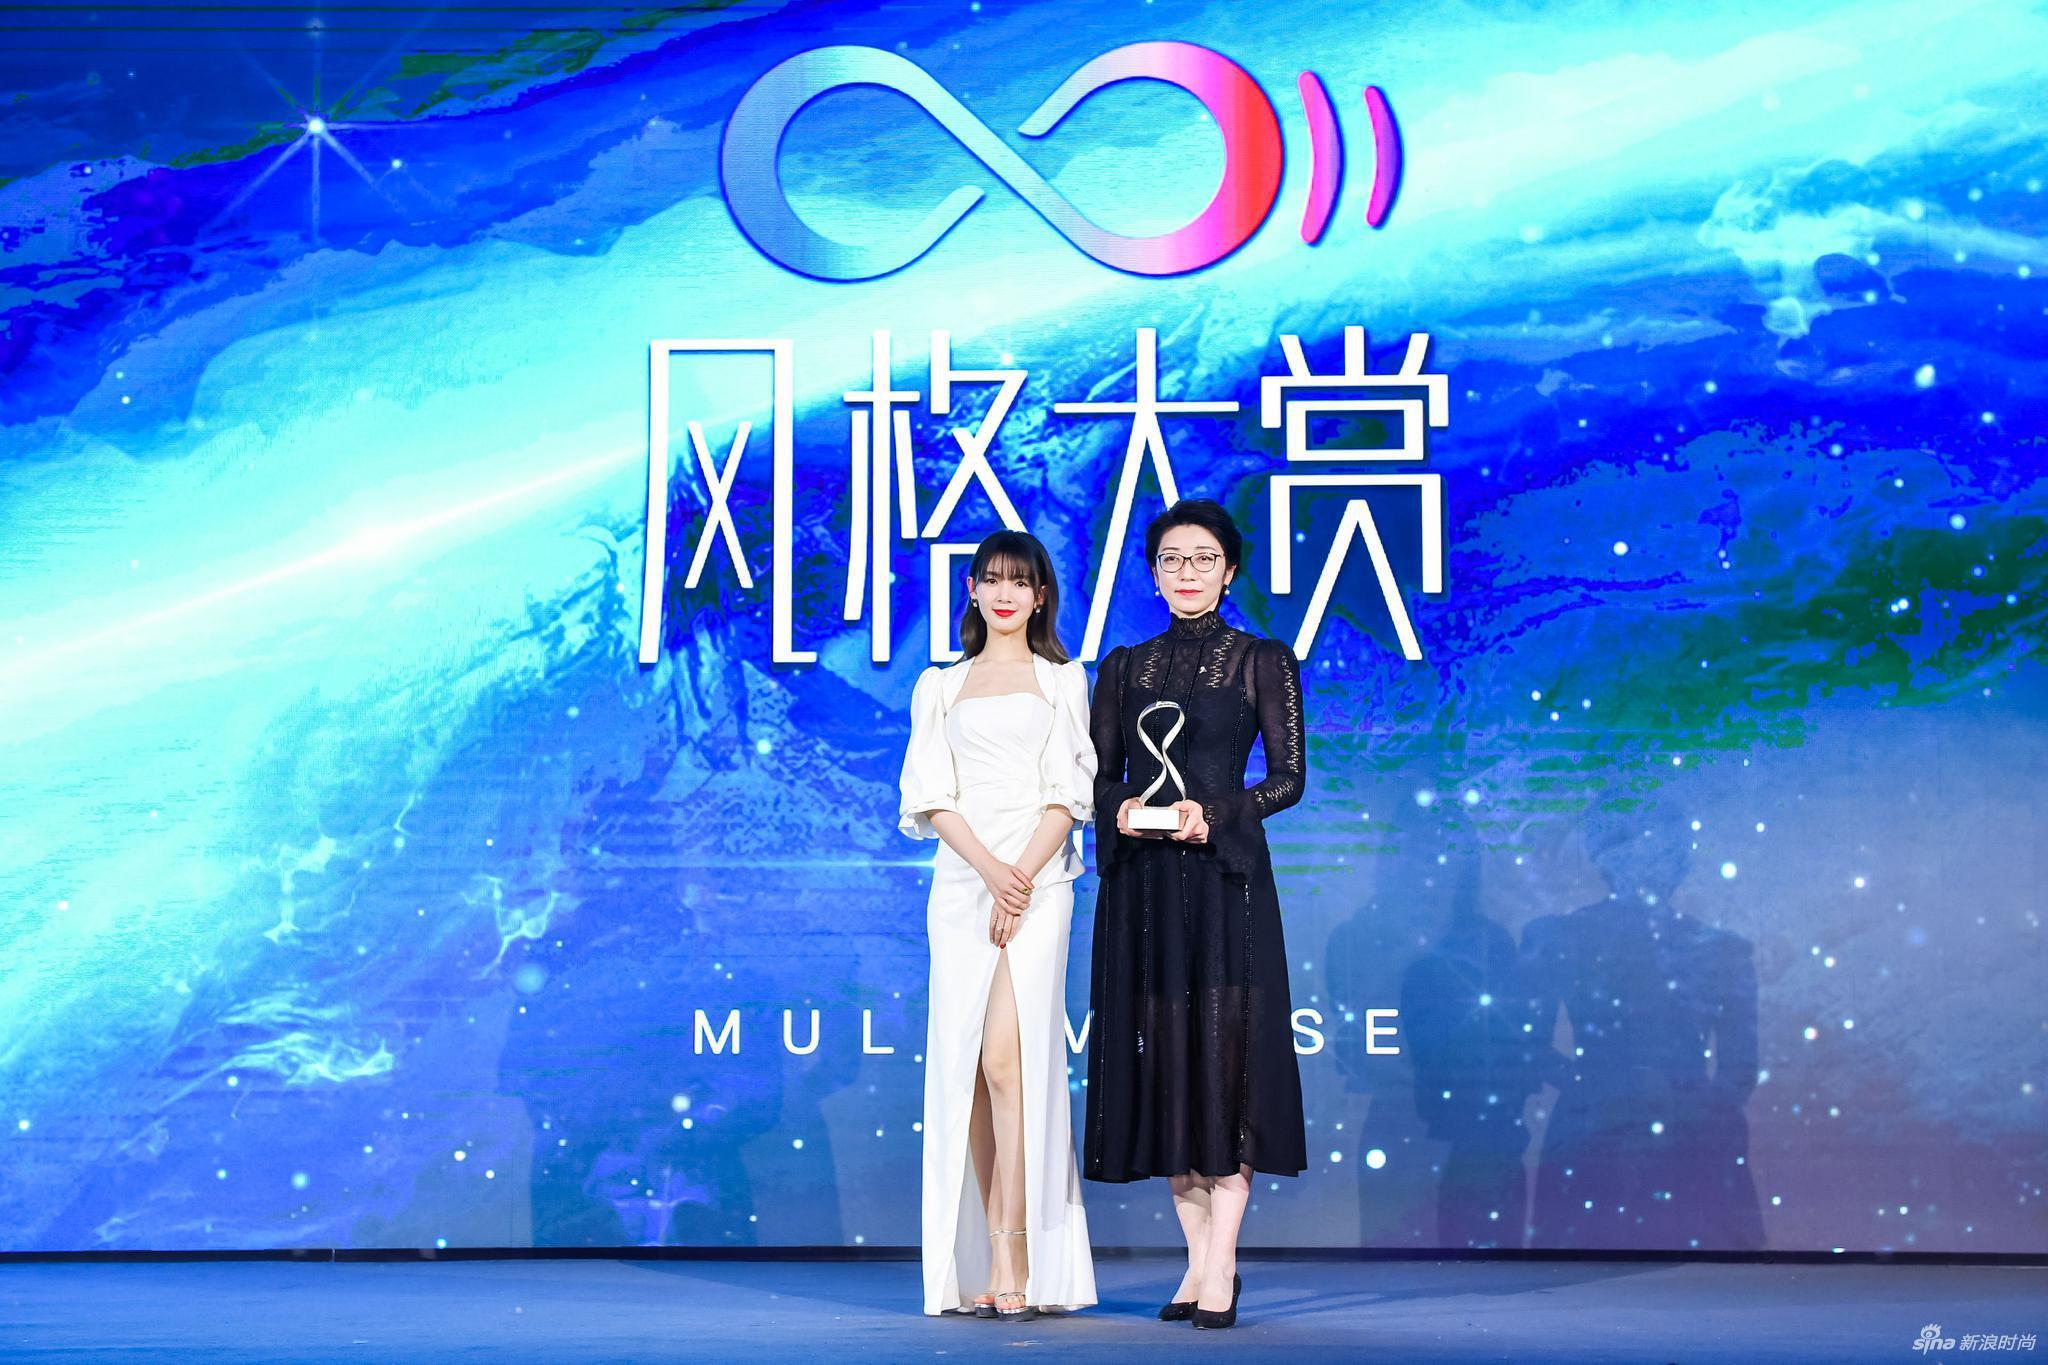 青年演员陈瑶为领奖嘉宾北京瑞吉酒店副总经理陈辉女士颁奖